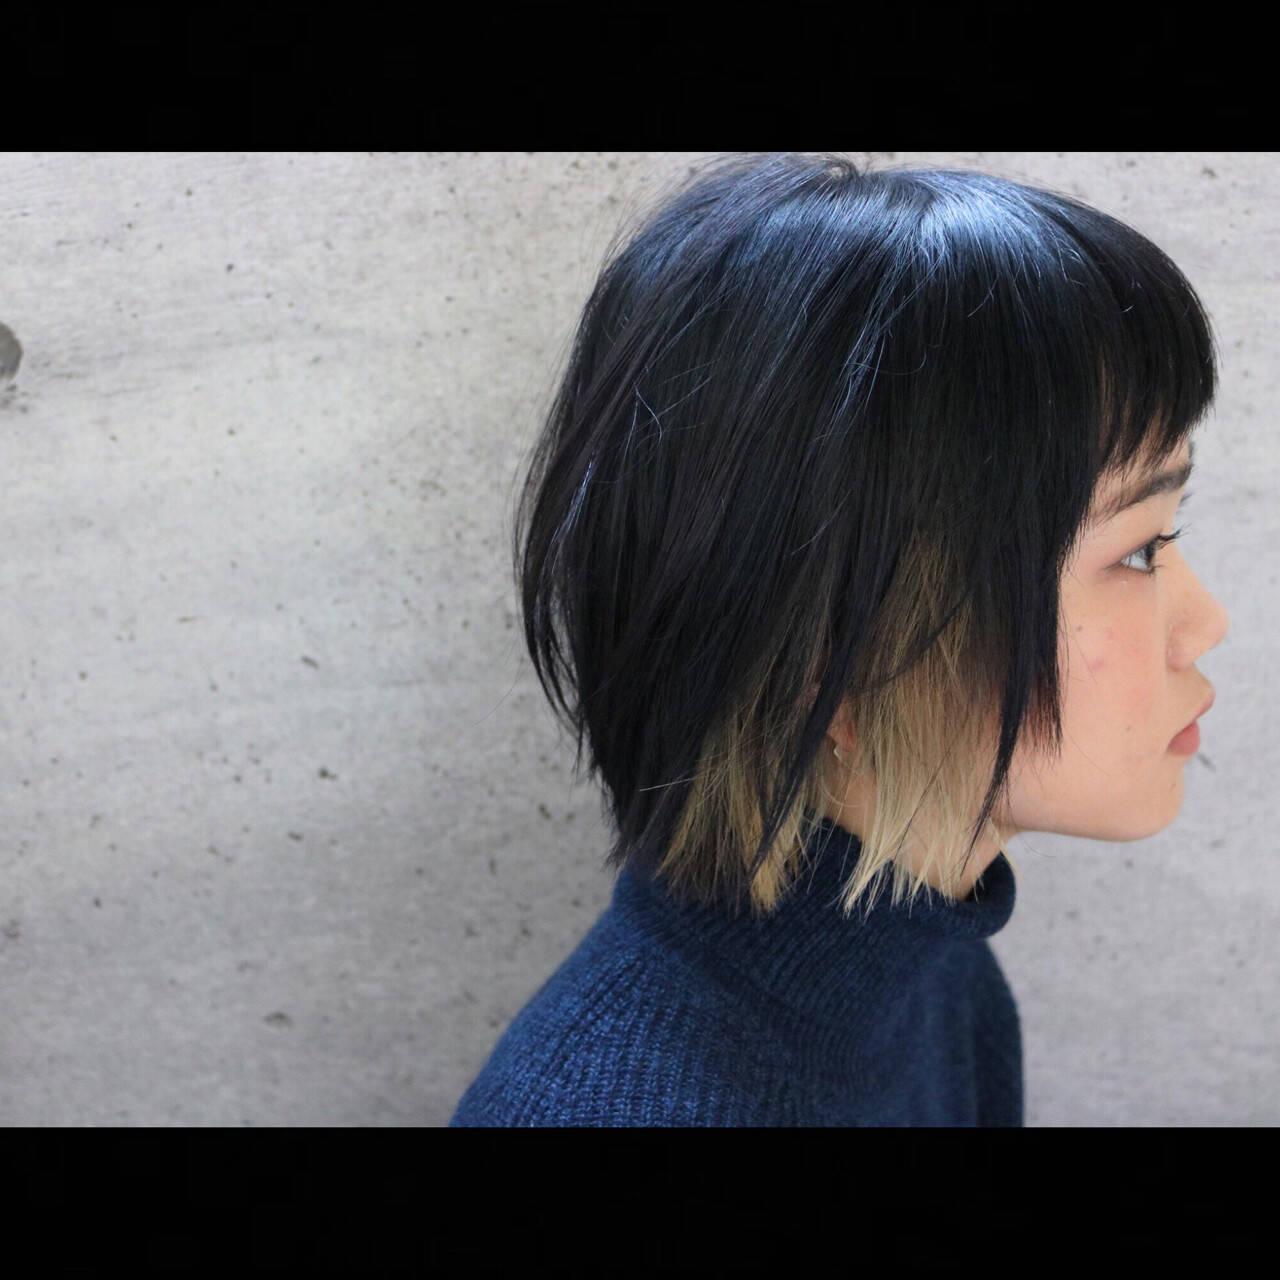 ナチュラル ボブ インナーカラー 切りっぱなしヘアスタイルや髪型の写真・画像